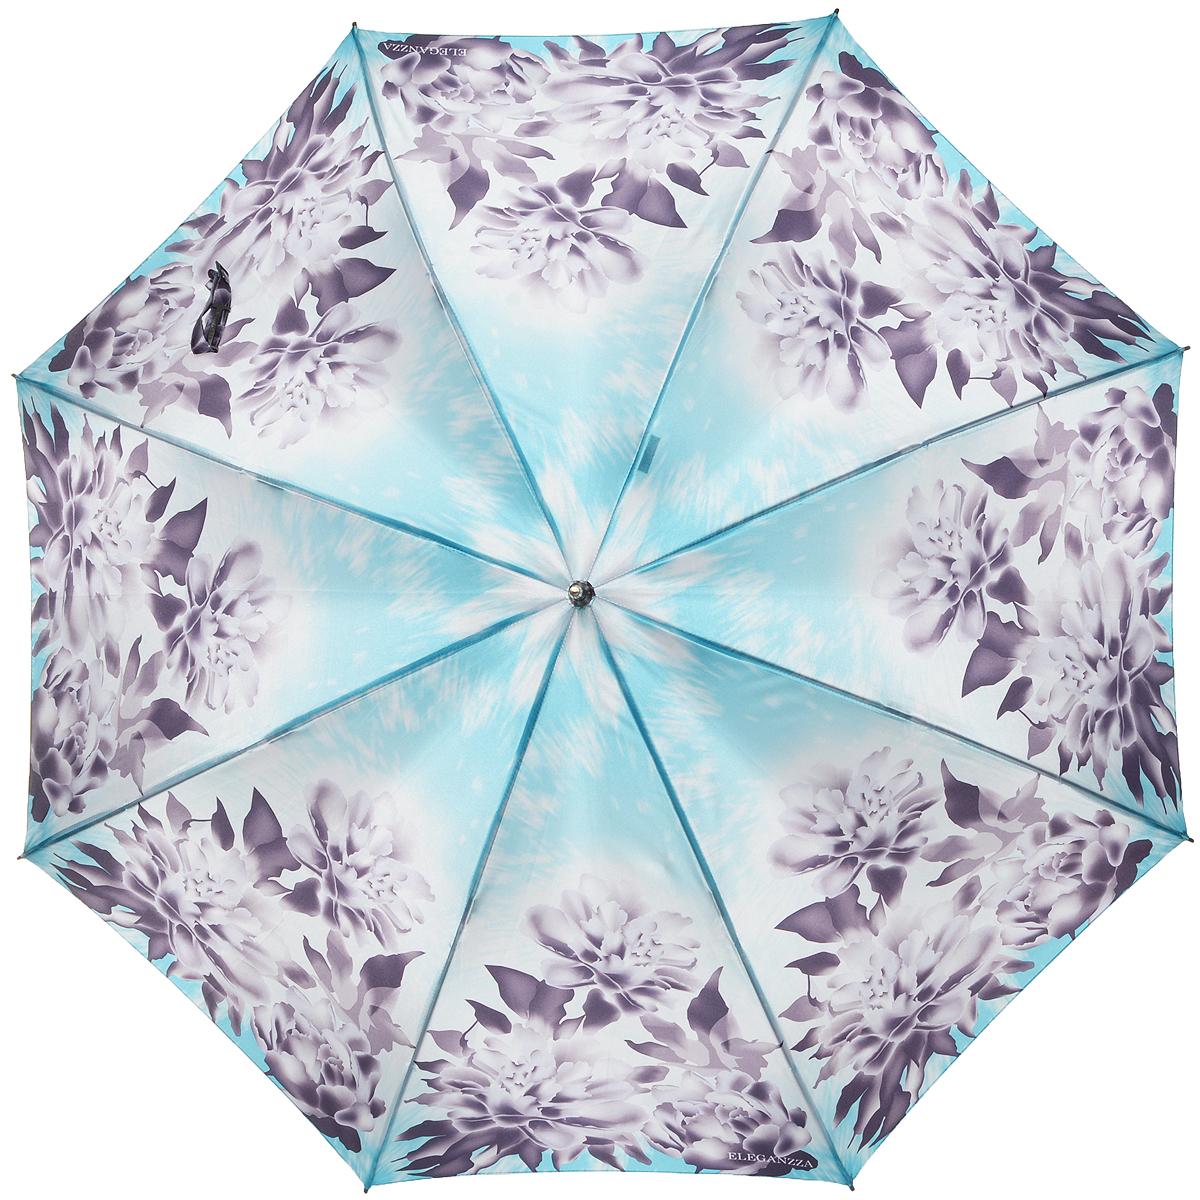 Зонт-трость женский Eleganzza, механика, цвет: голубой, тауп. T-06-0237T-06-0237Элегантный женский зонт-трость Eleganzza не оставит вас незамеченной. Изделие оформлено оригинальным принтом в виде цветов. Зонт состоит из восьми спиц и стержня, изготовленных из стали и фибергласса. Купол выполнен из качественного полиэстера и сатина, которые не пропускают воду. Зонт дополнен удобной ручкой из акрила, которая имеет форму крючка. Также зонт имеет заостренный наконечник, который устраняет попадание воды на стержень и уберегает зонт от повреждений. Изделие имеет полуавтоматический механизм сложения: купол открывается нажатием кнопки на ручке, а складывается вручную до характерного щелчка. Оригинальный и практичный аксессуар даже в ненастную погоду позволит вам оставаться женственной и привлекательной.